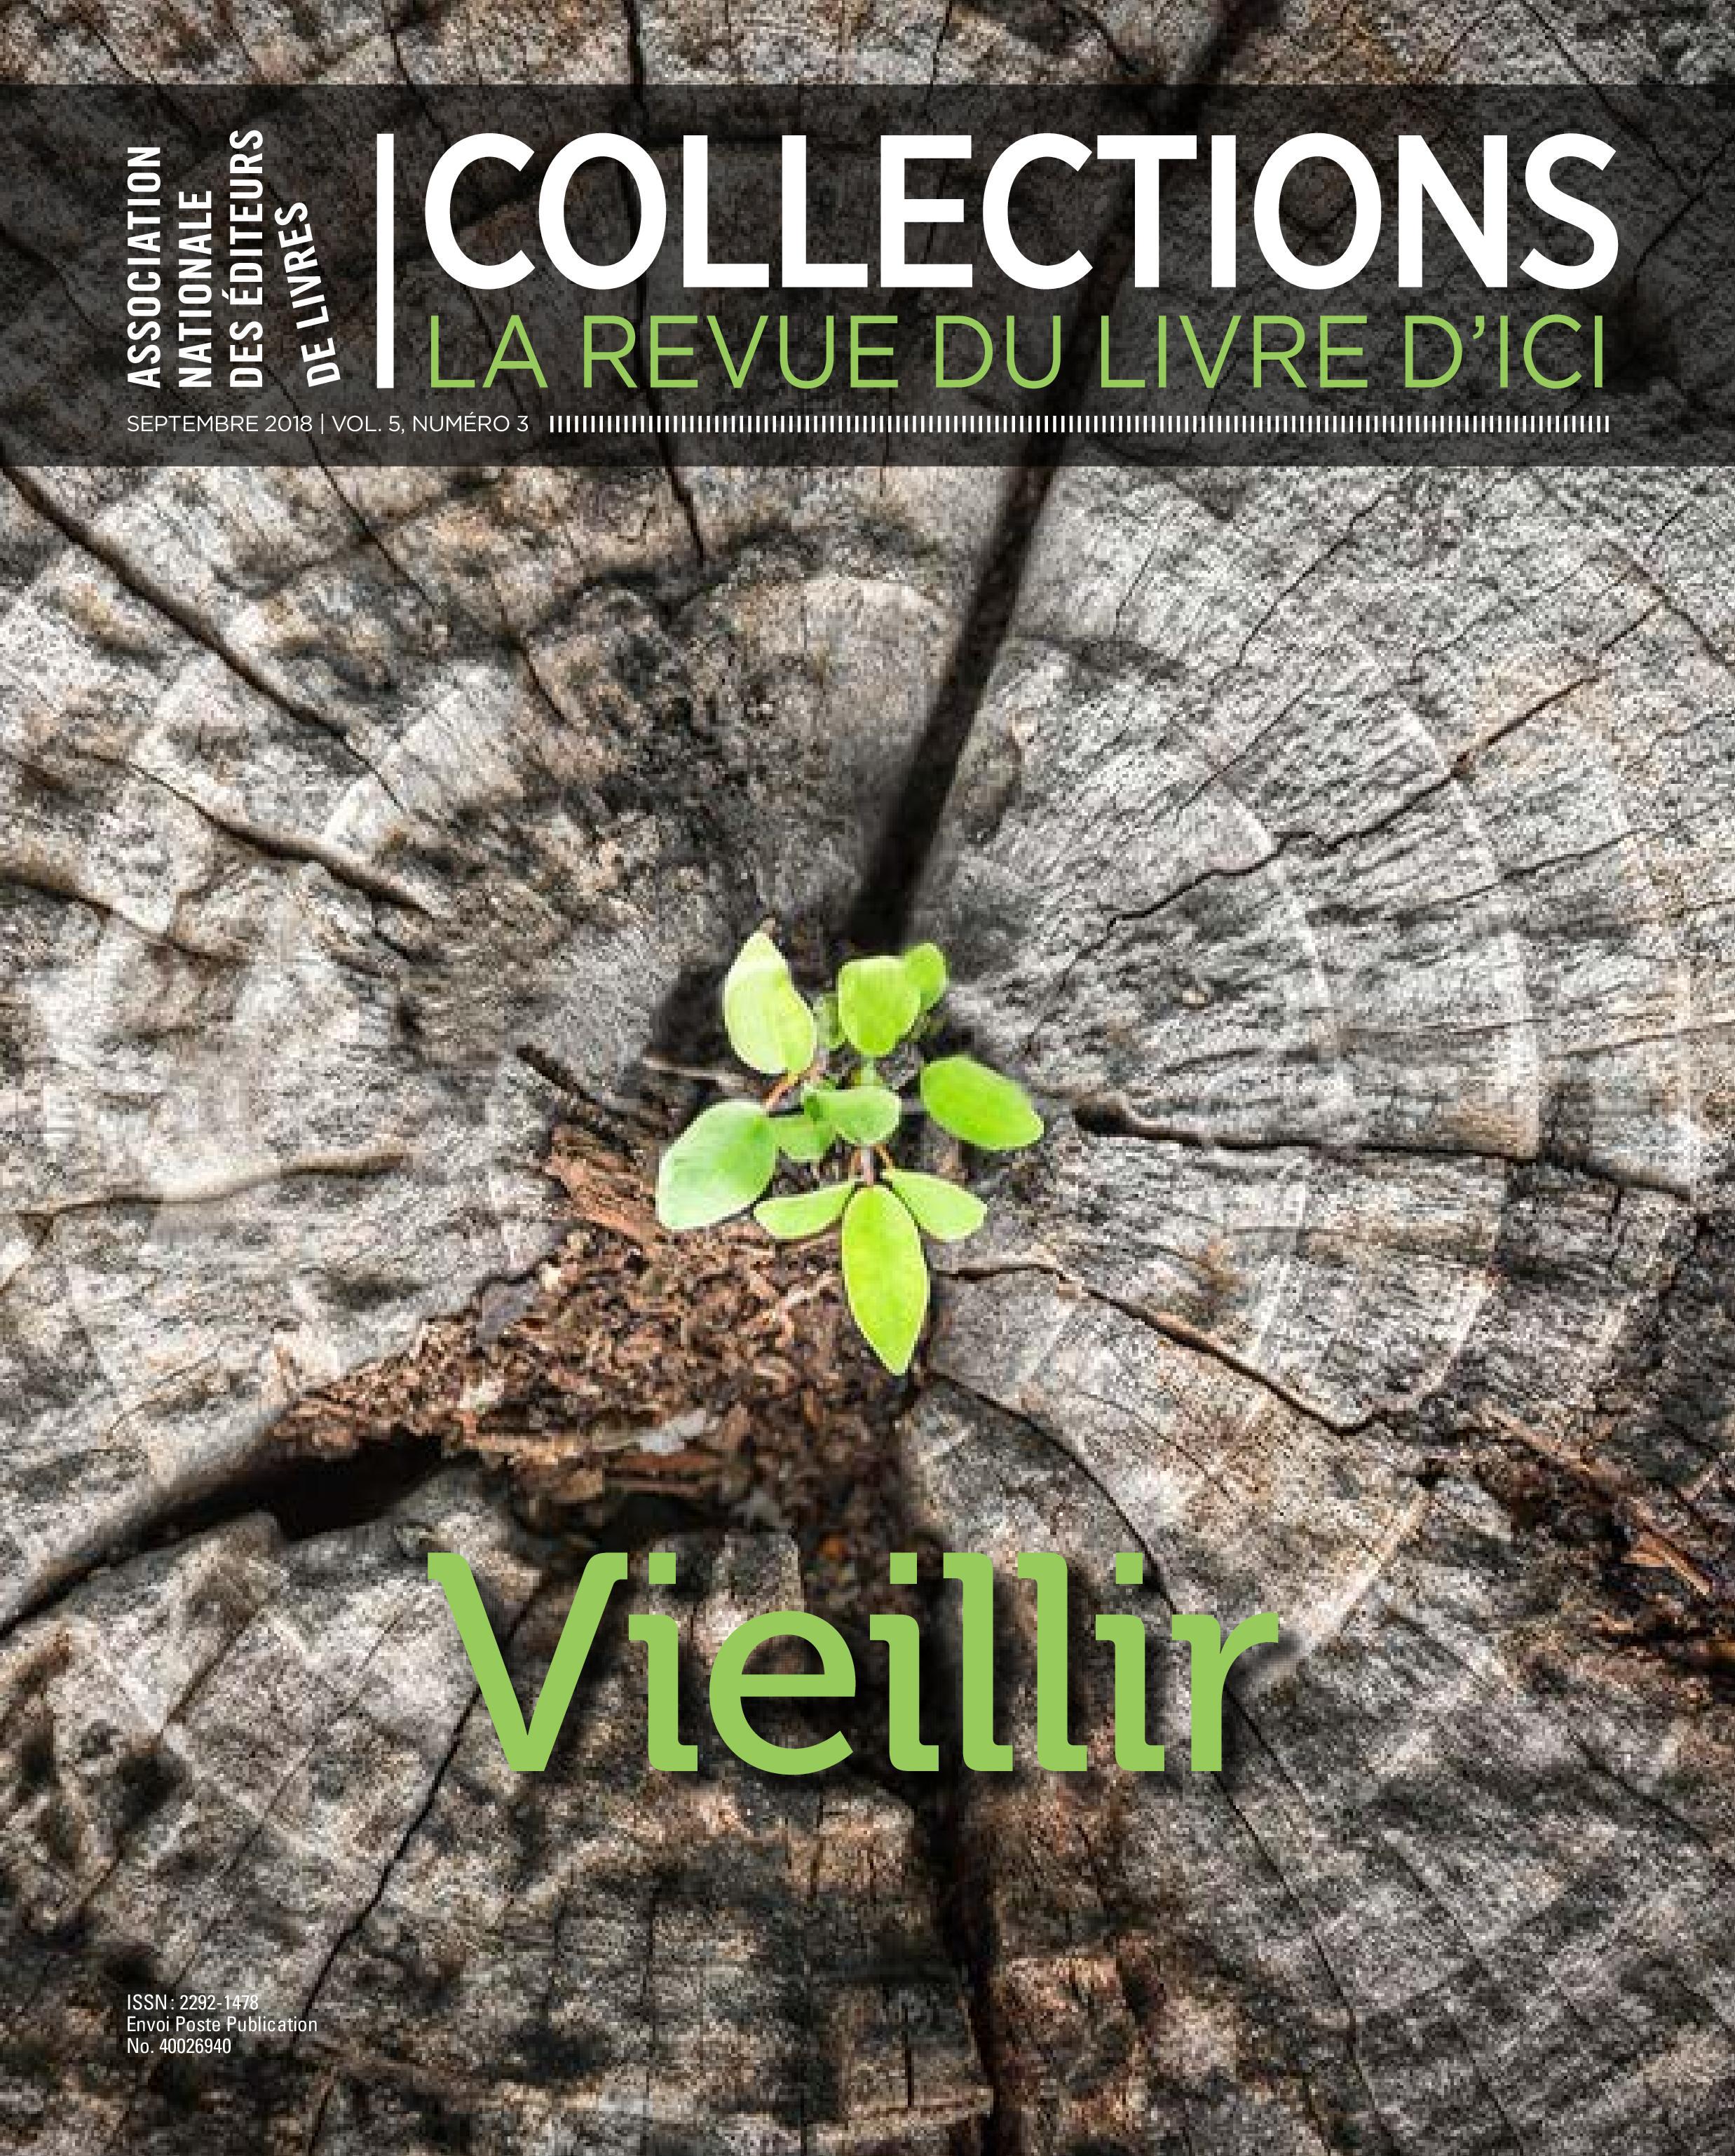 Collections, Vol 5, No 3, V...